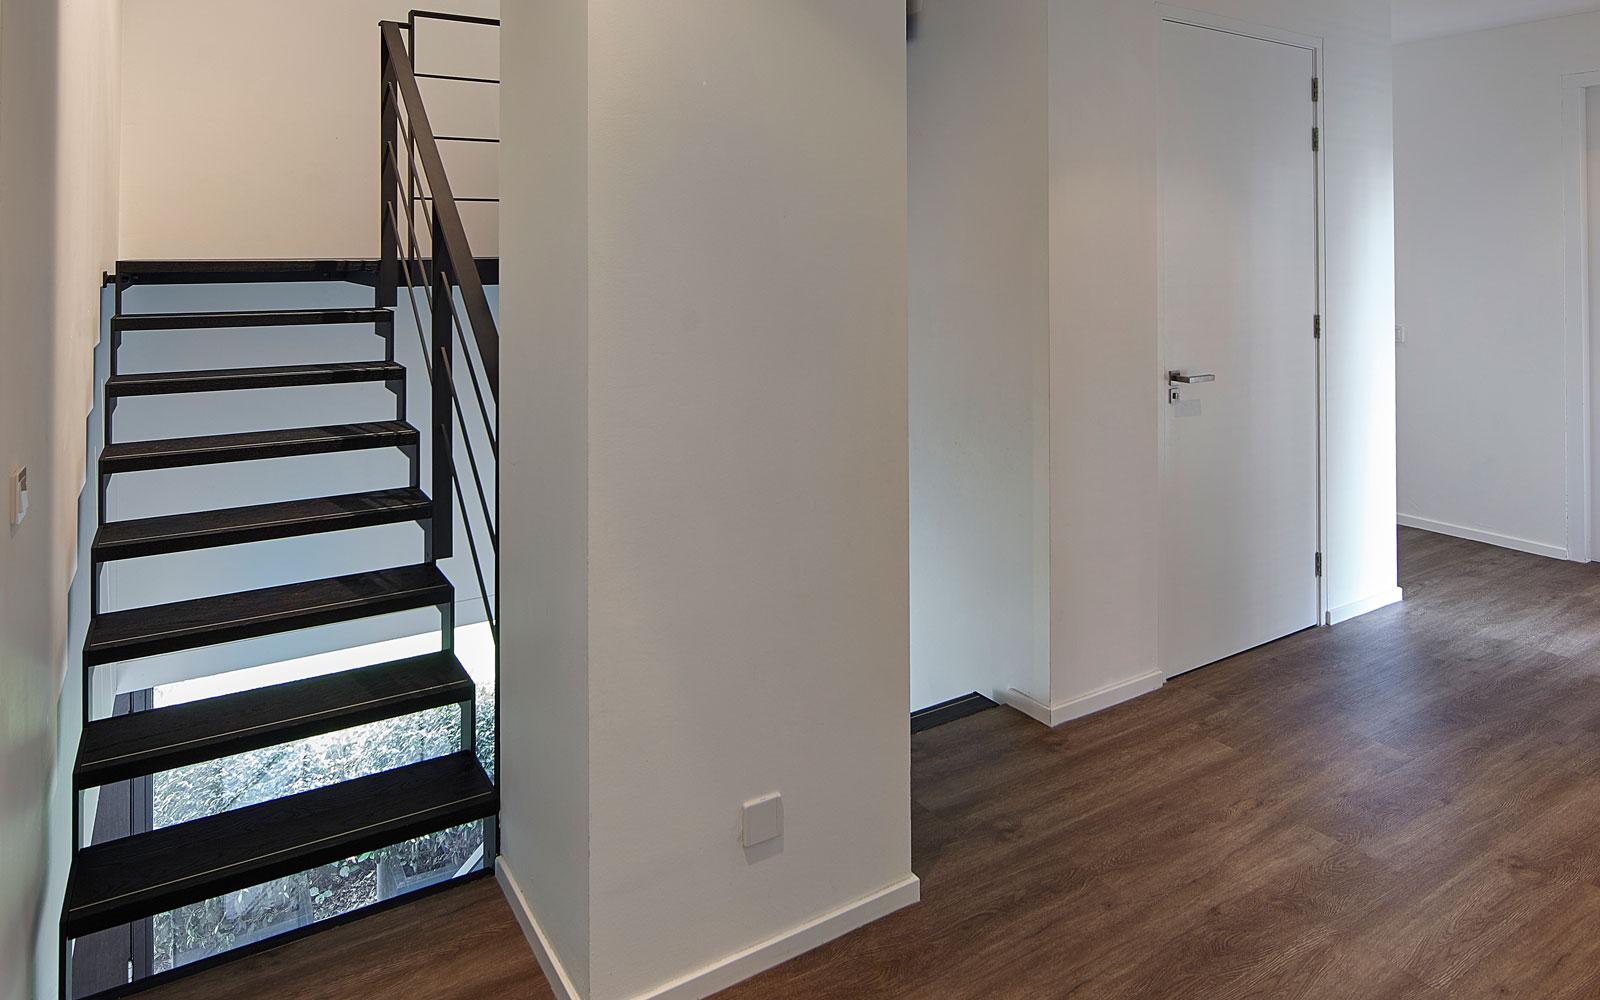 Stalen trap van Xillix met houten treden, zwart